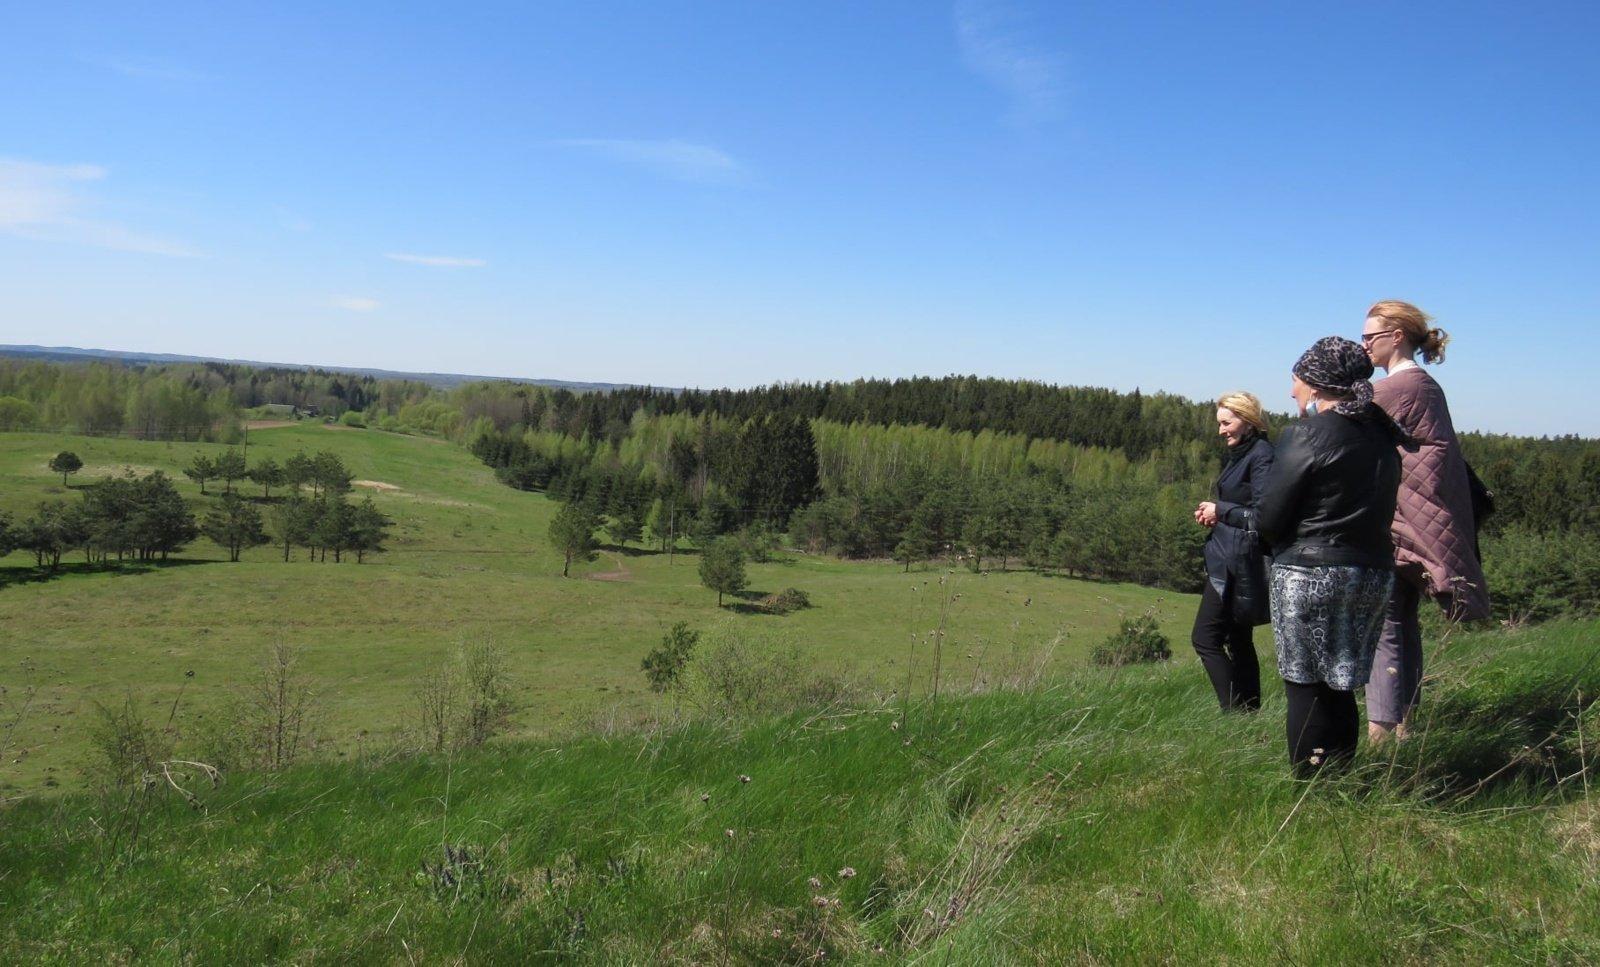 Einoronių piliakalnis bus pasiekiamas ir matomas